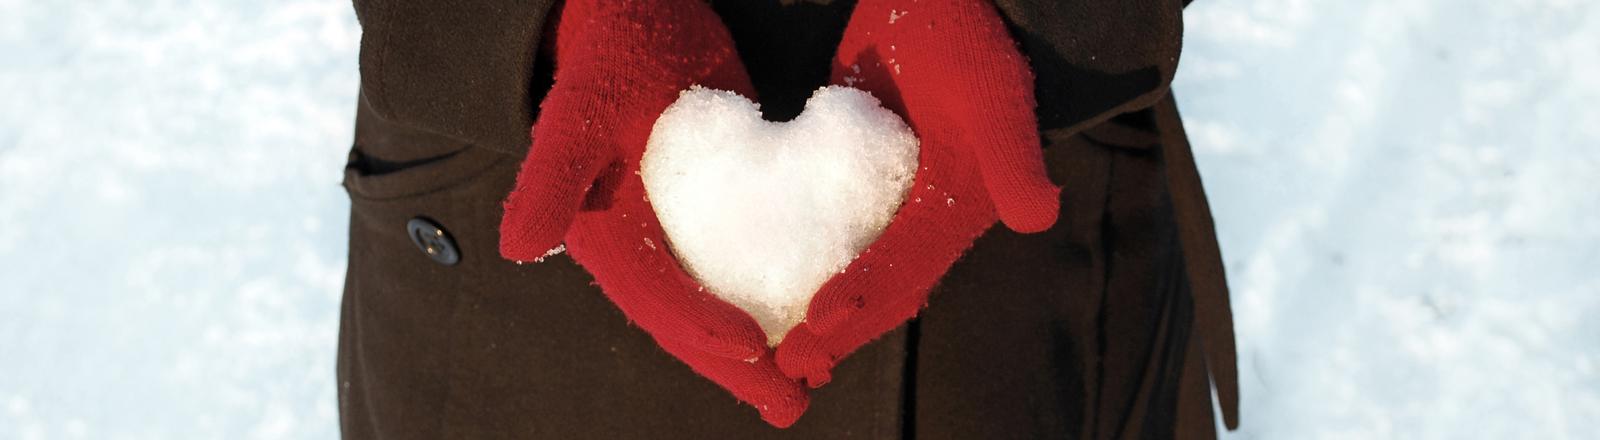 Schneeherz im Handschuh